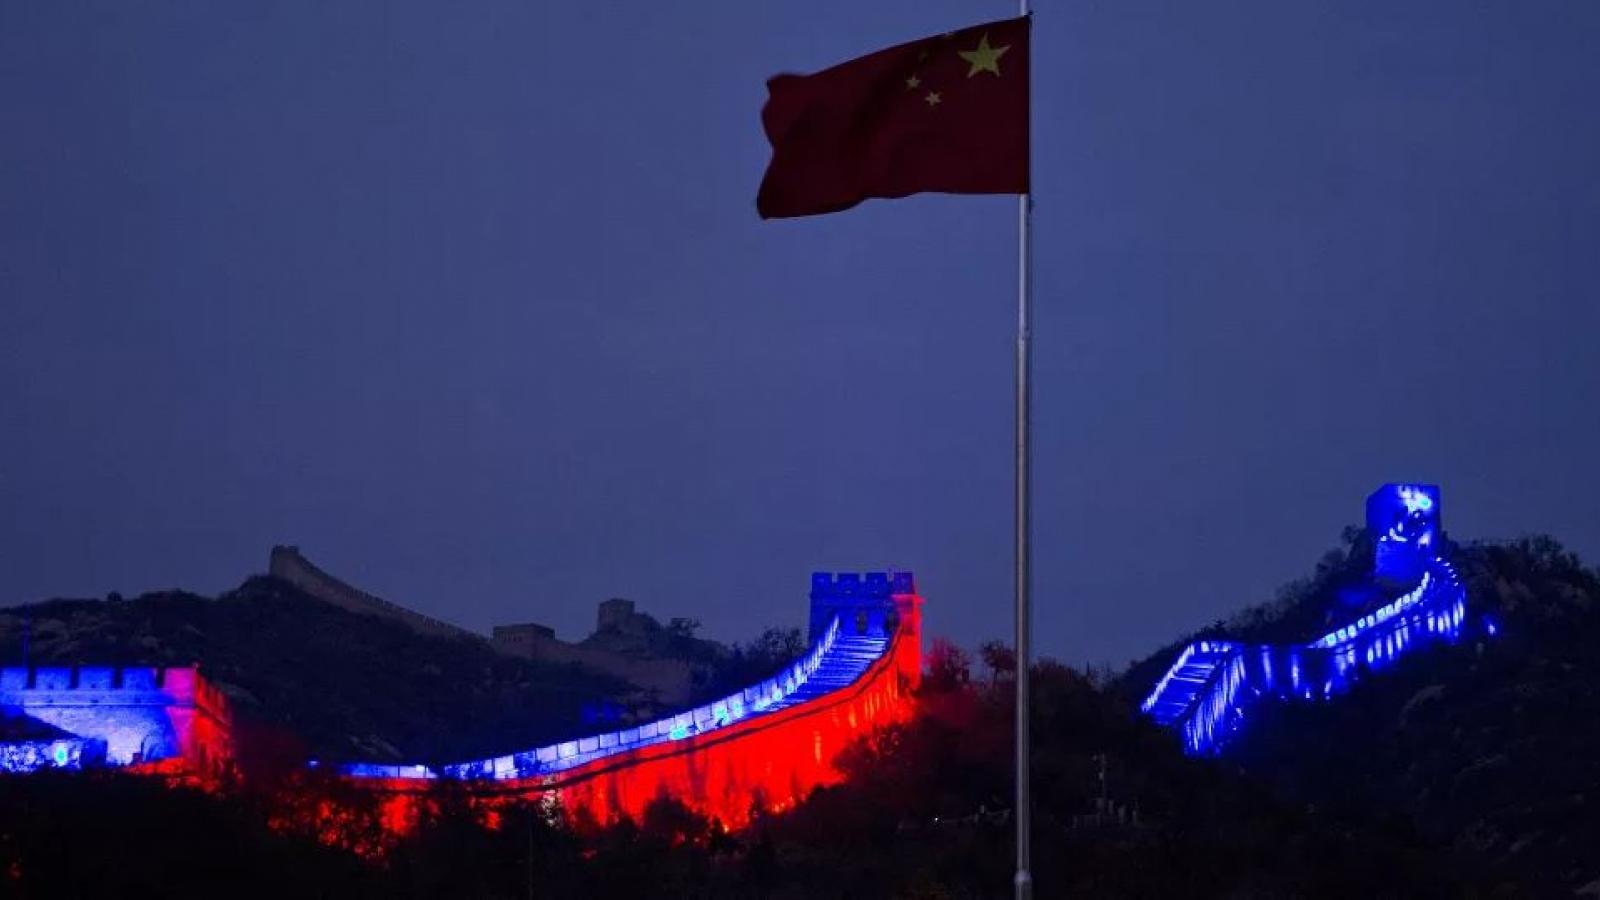 Phản ứng của Trung Quốc khi bị Mỹ đưa các công ty siêu máy tính vào danh sách đen